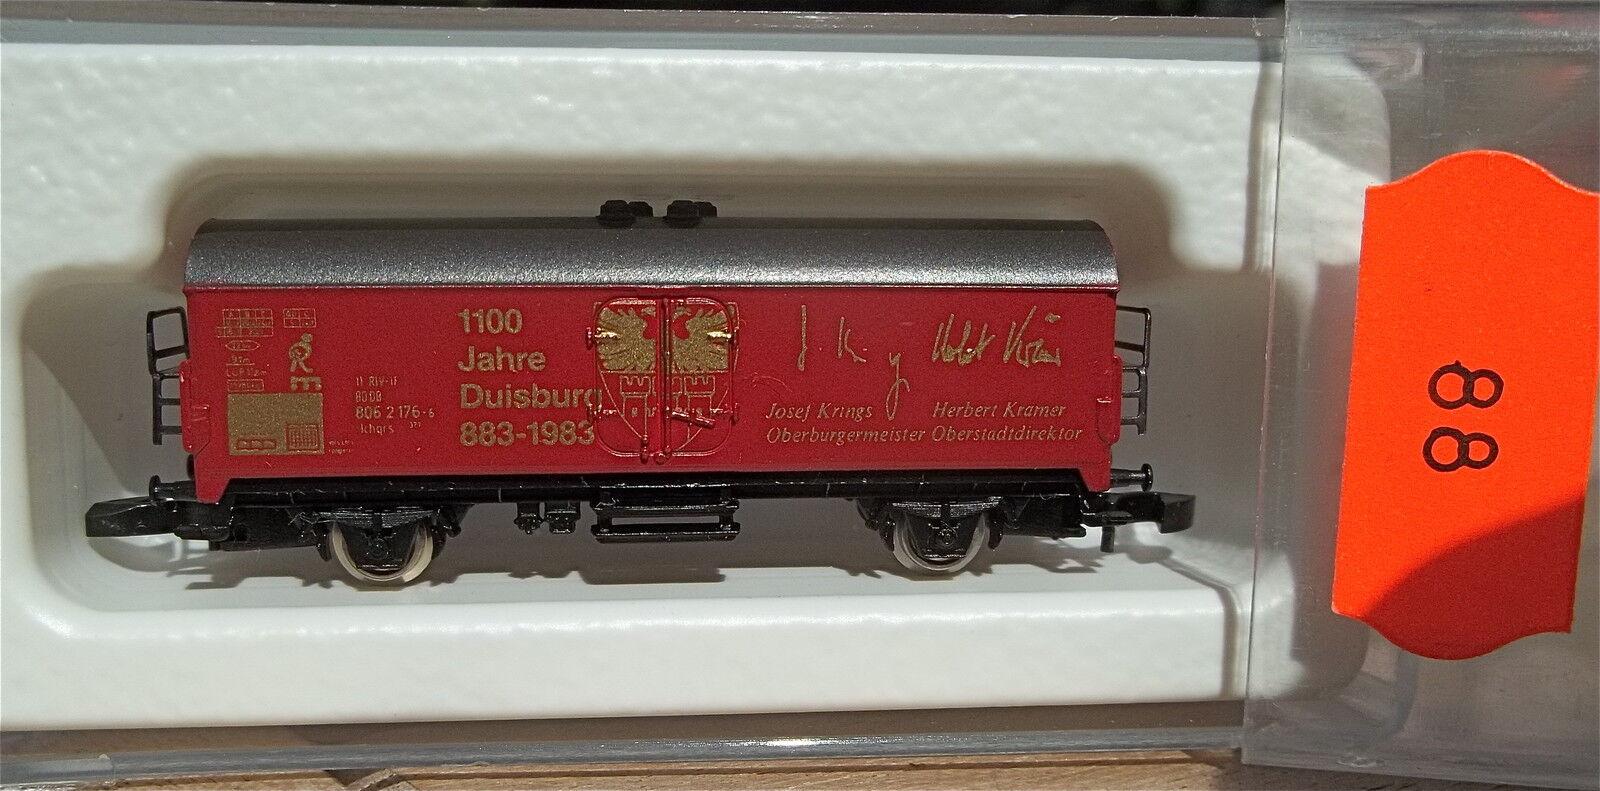 1100 J.Duisburg 883-1983, Kolls 86701   8600 Scala Z 1/220 88